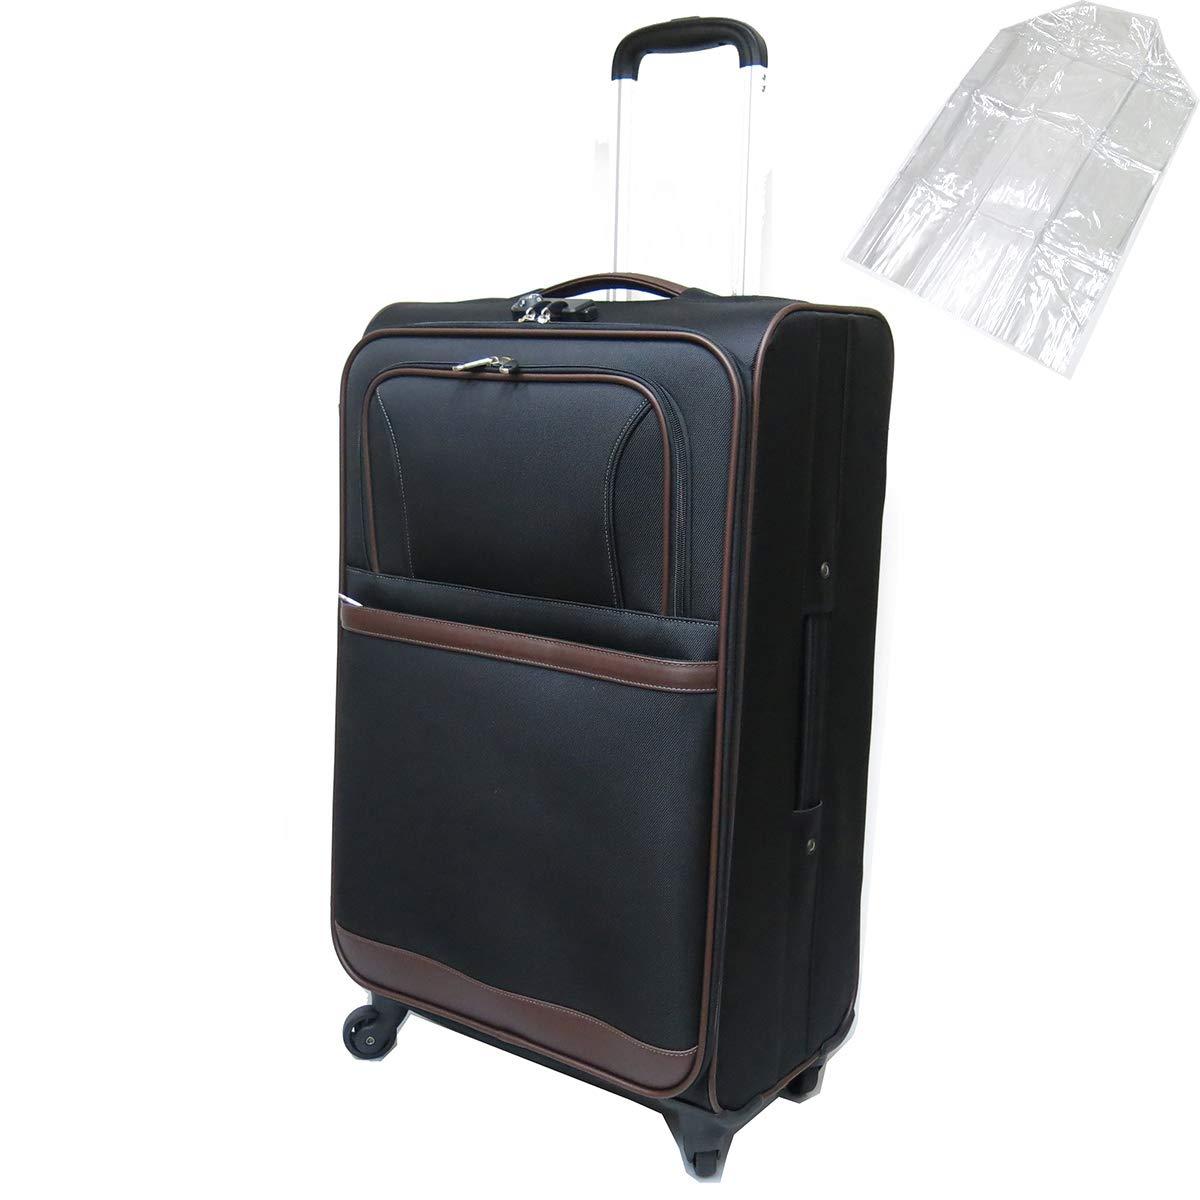 [セット品] (ビバーシェ) Vivache SP-R2-L ソフトキャリーケース 空港受託手荷物無料サイズ 縦型 4輪キャスター透明スーツケースカバー 【合計2点セット】  ブラック B07L89W63K